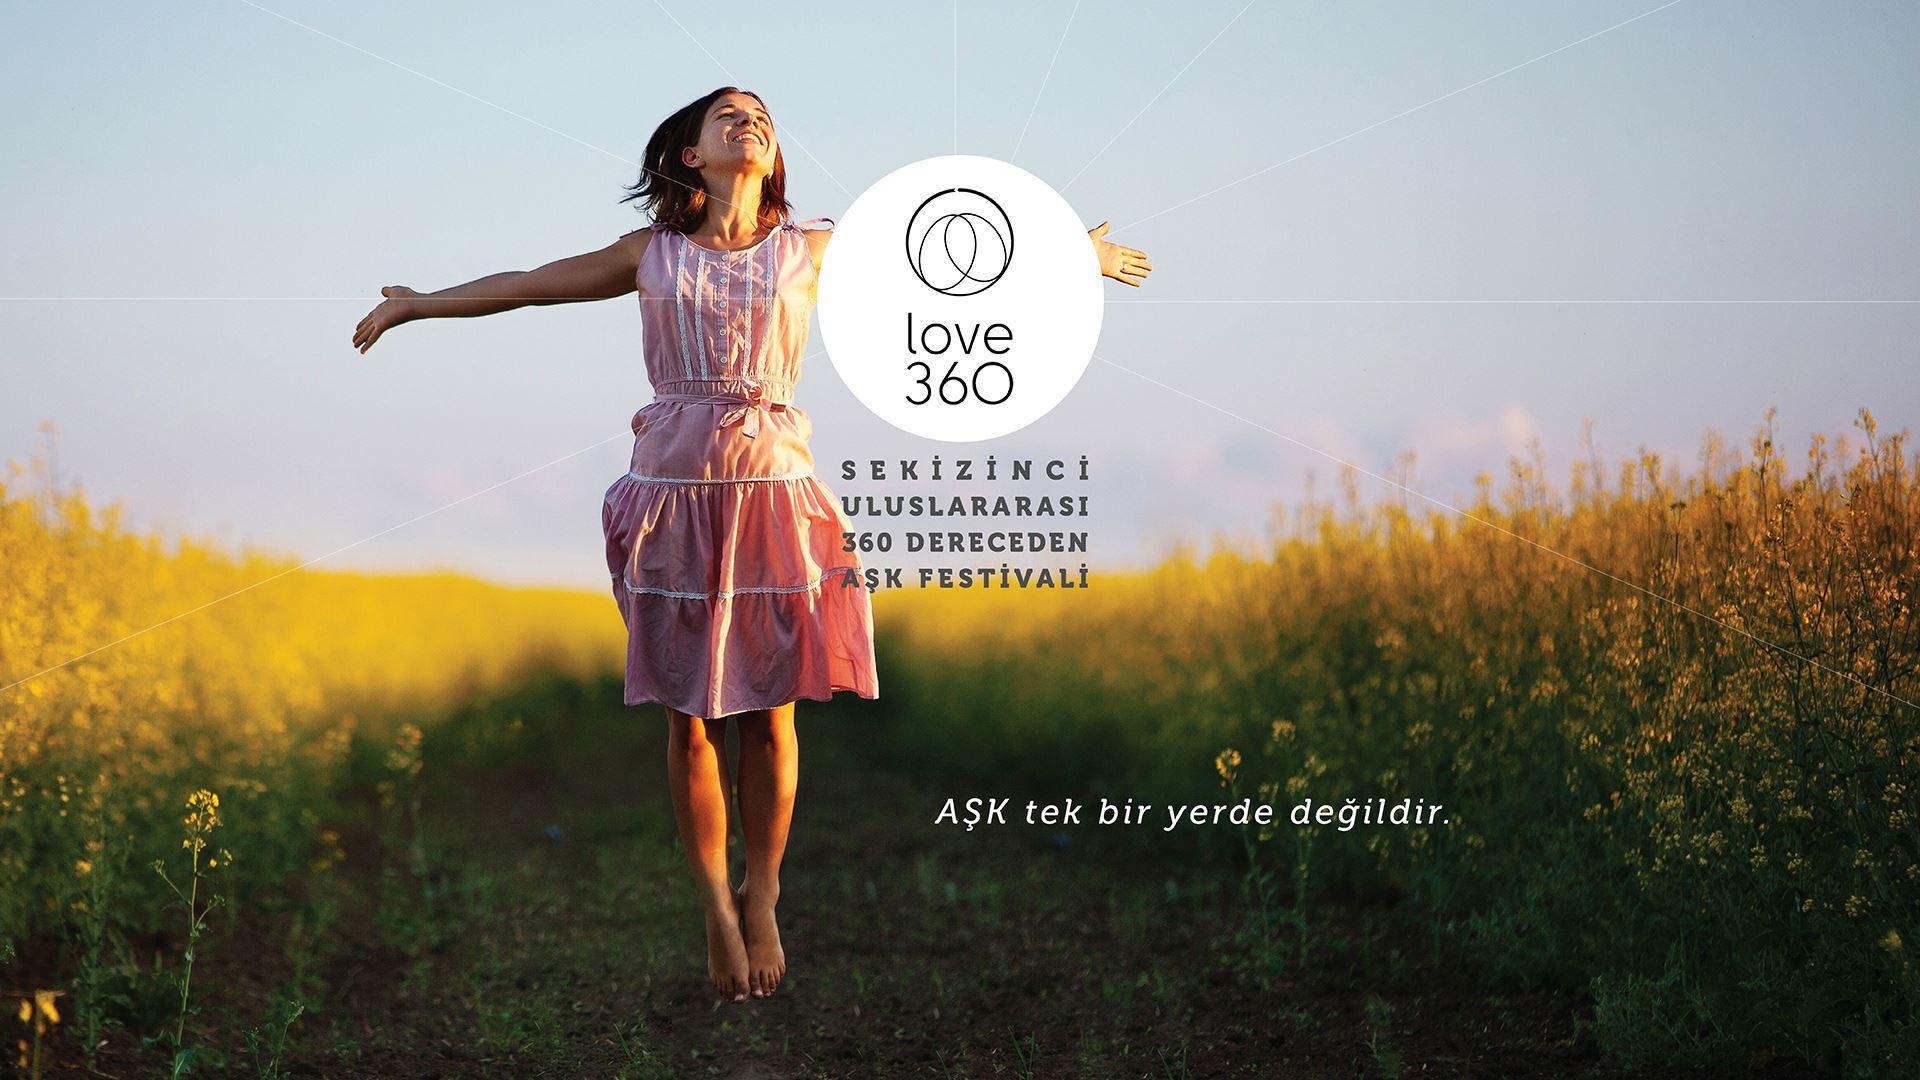 Aşk Şehirde: 8. Uluslararası 360 Dereceden Aşk Festivali